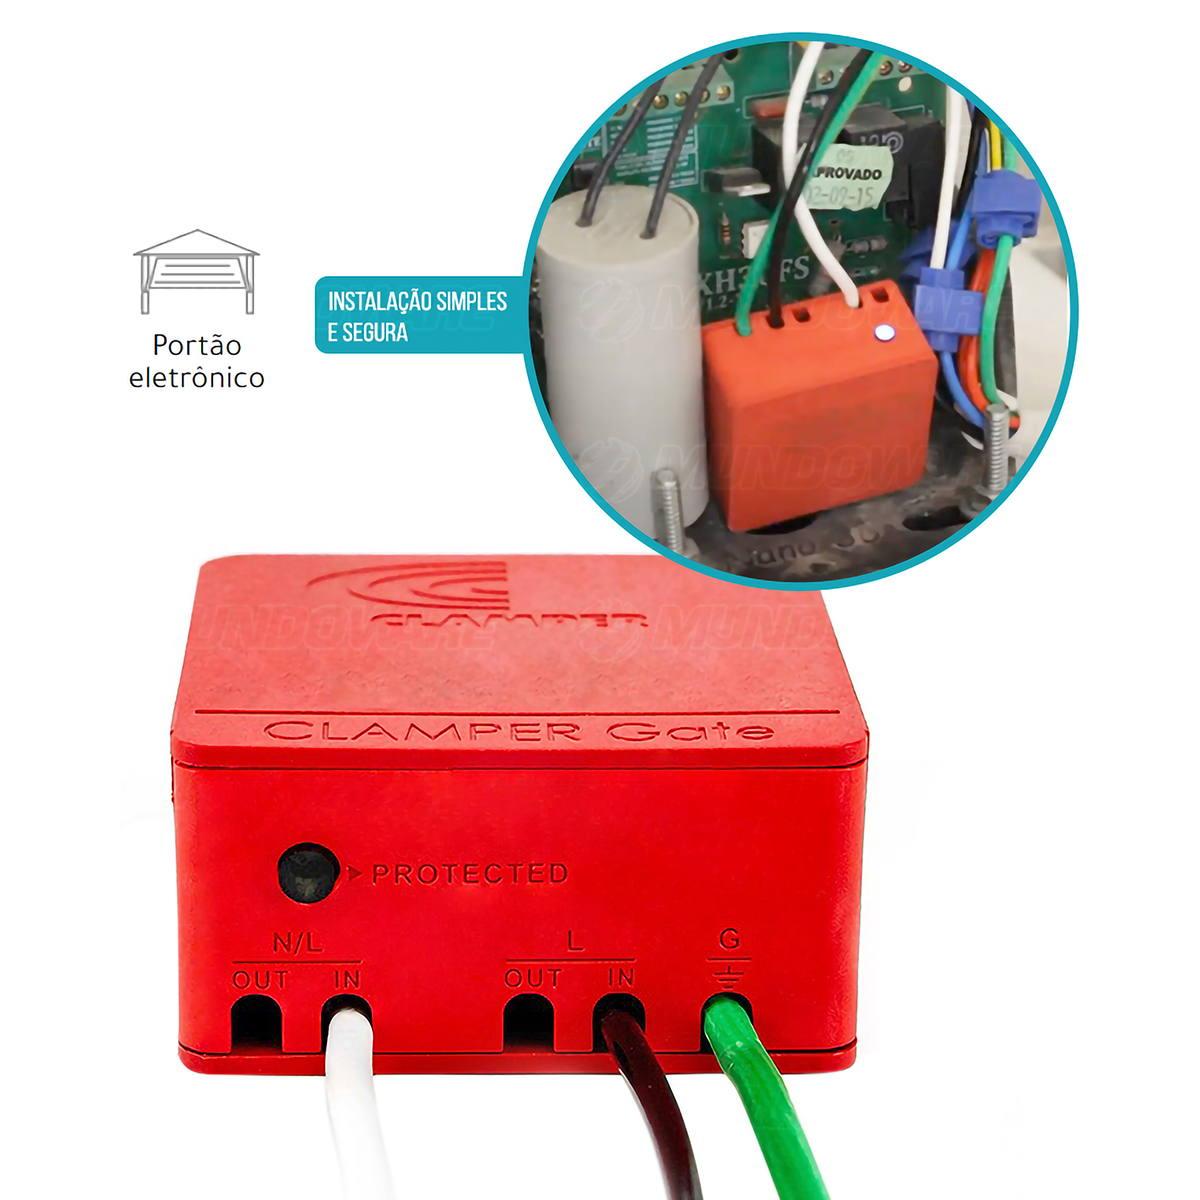 Clamper Gate DPS para Motor de Portão Eletrônico Protege Contra Surtos Elétricos e Raios